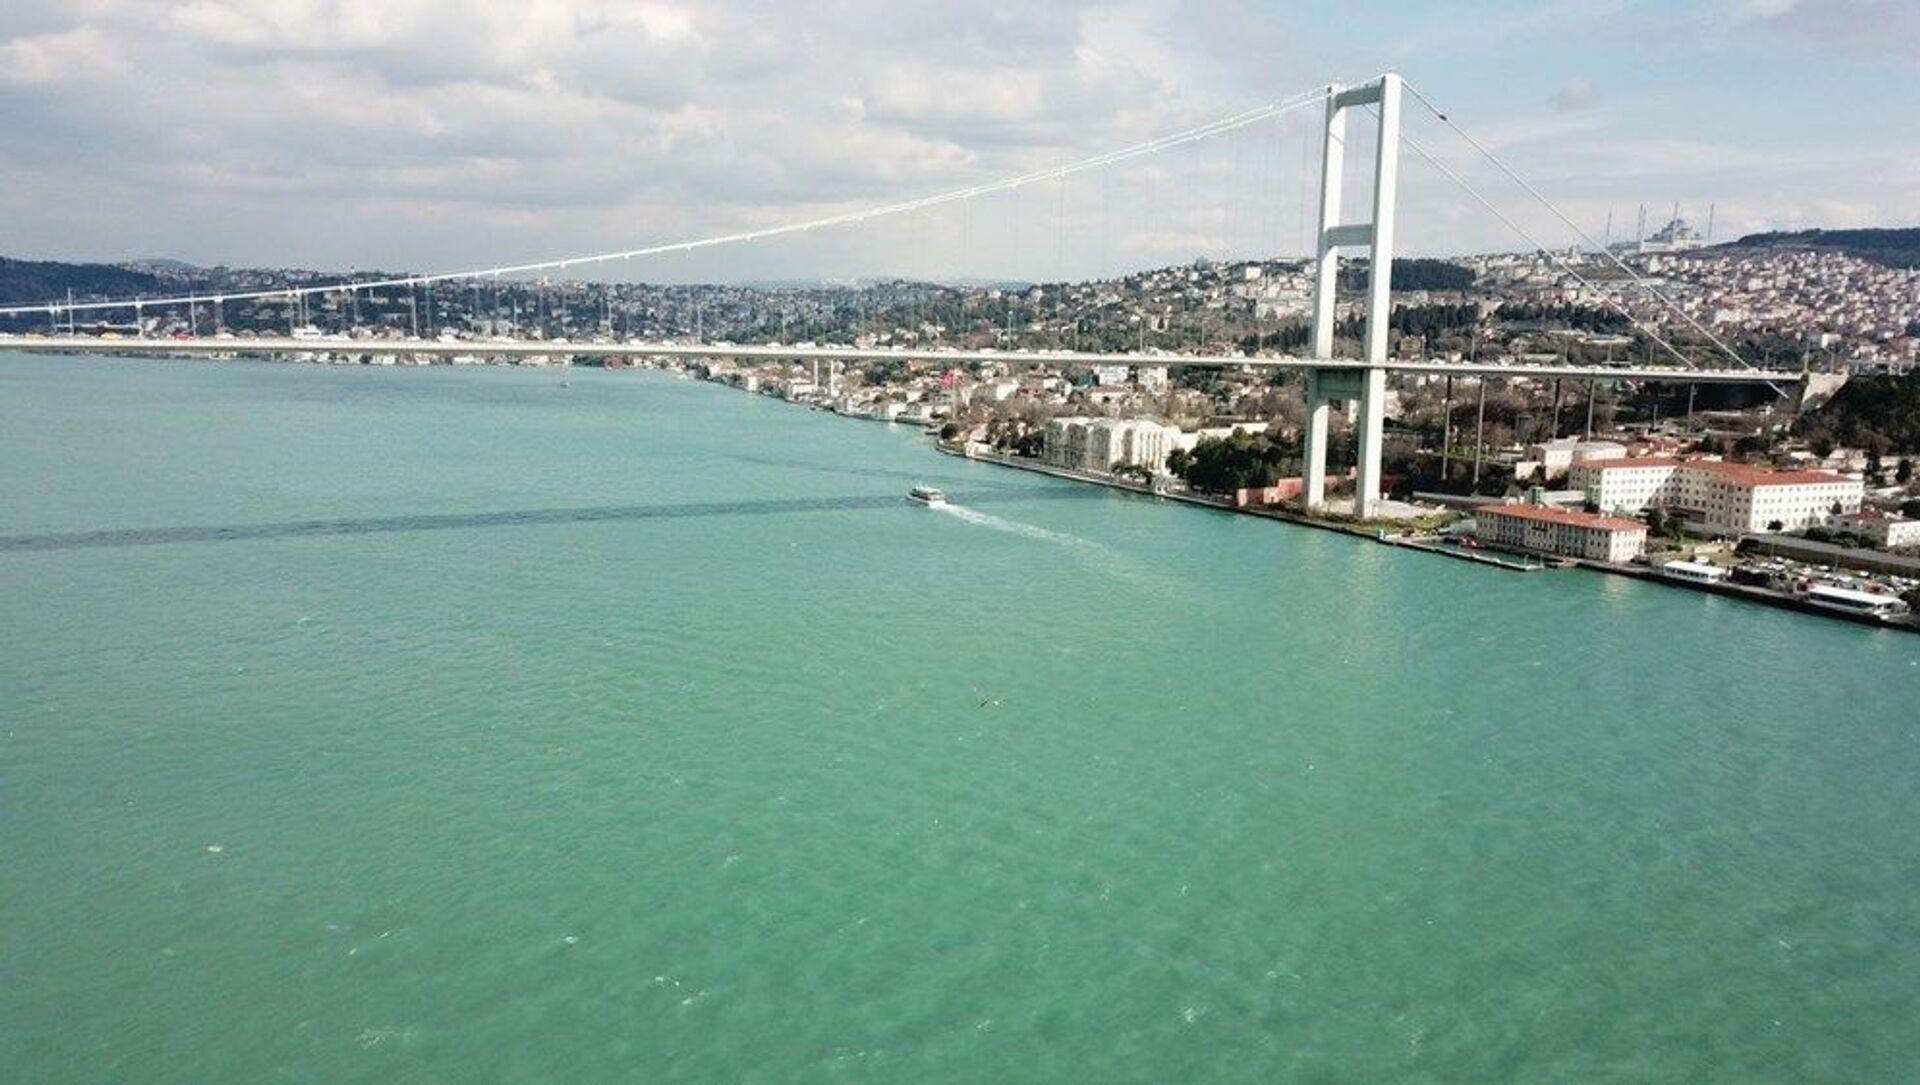 İstanbul Boğazı ilk defa kış ayında turkuaz rengine büründü - Sputnik Türkiye, 1920, 29.03.2021